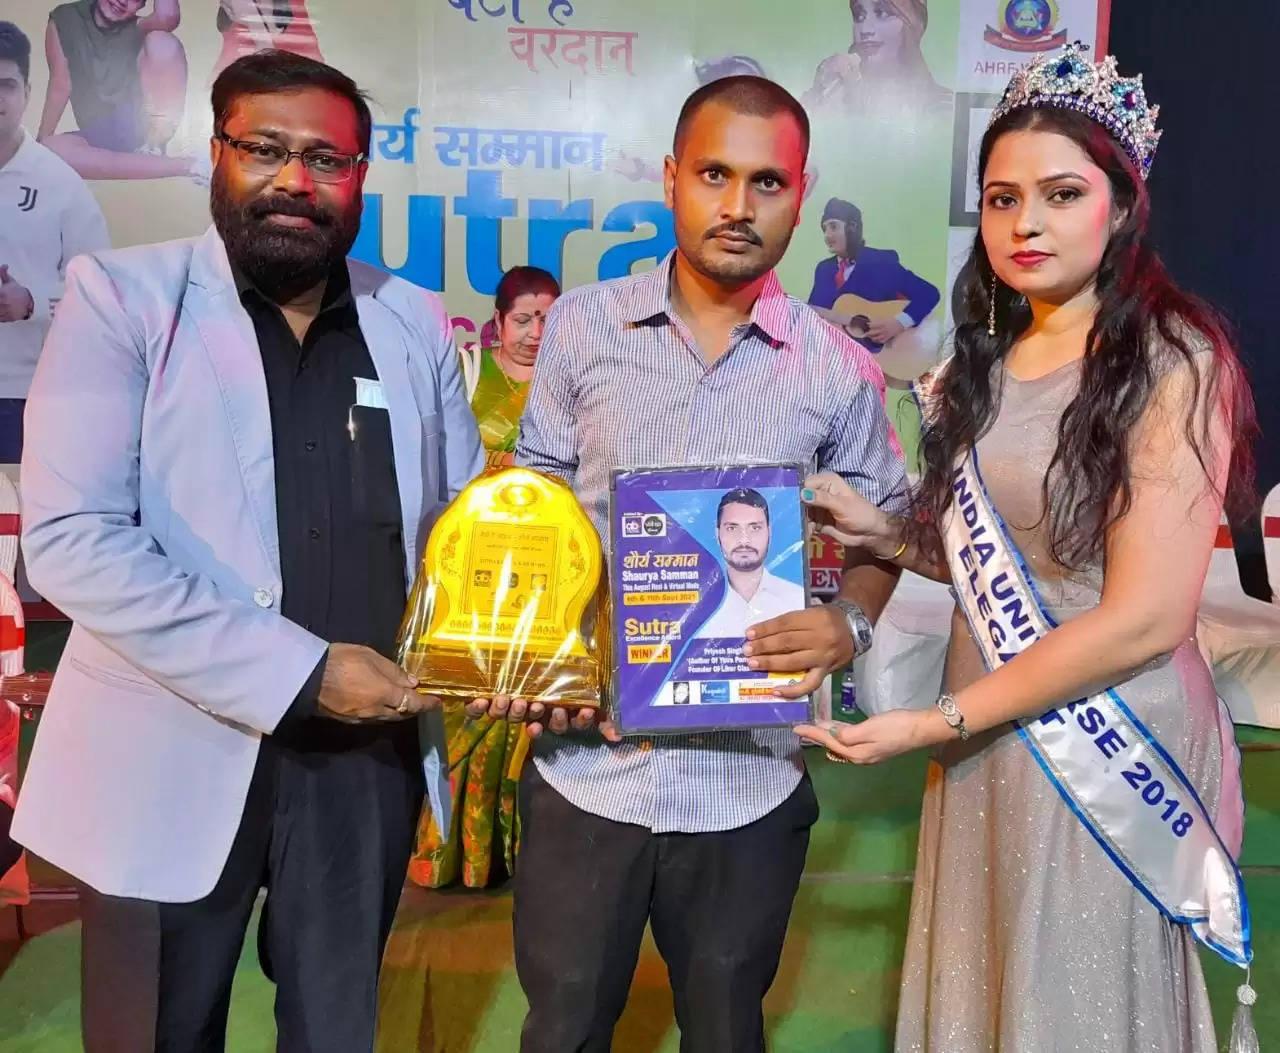 प्रियेश सिंह को उनके द्वारा लिखित पुस्तक युवा परिवेश के लिए सौर्य सम्मान से सम्मानित किया गया